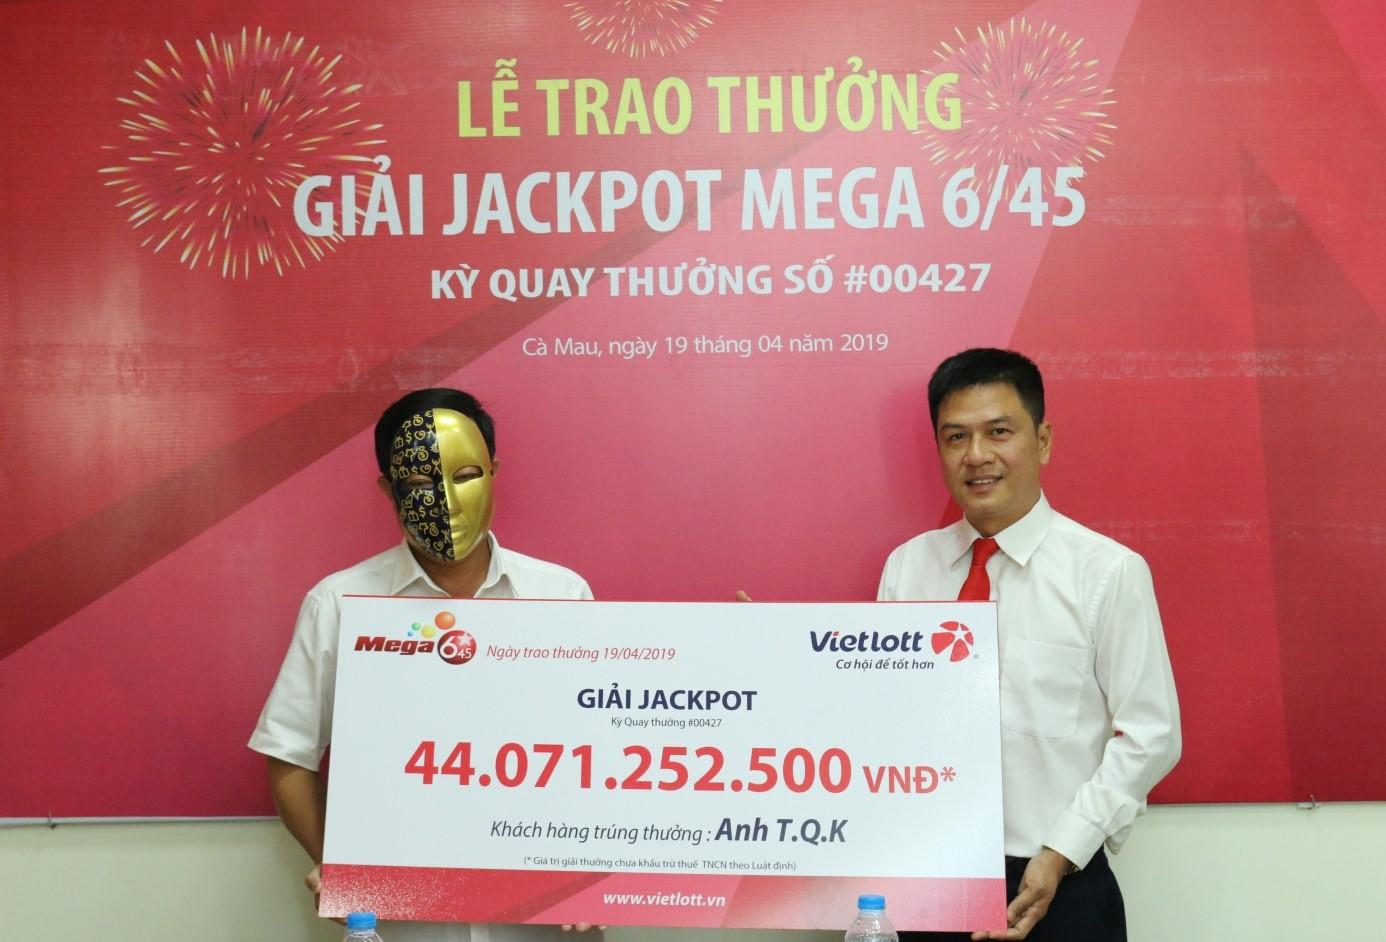 Chủ nhân của Jackpot 2 trị giá hơn 3,7 tỳ đồng đã đến nhận giải - Ảnh 2